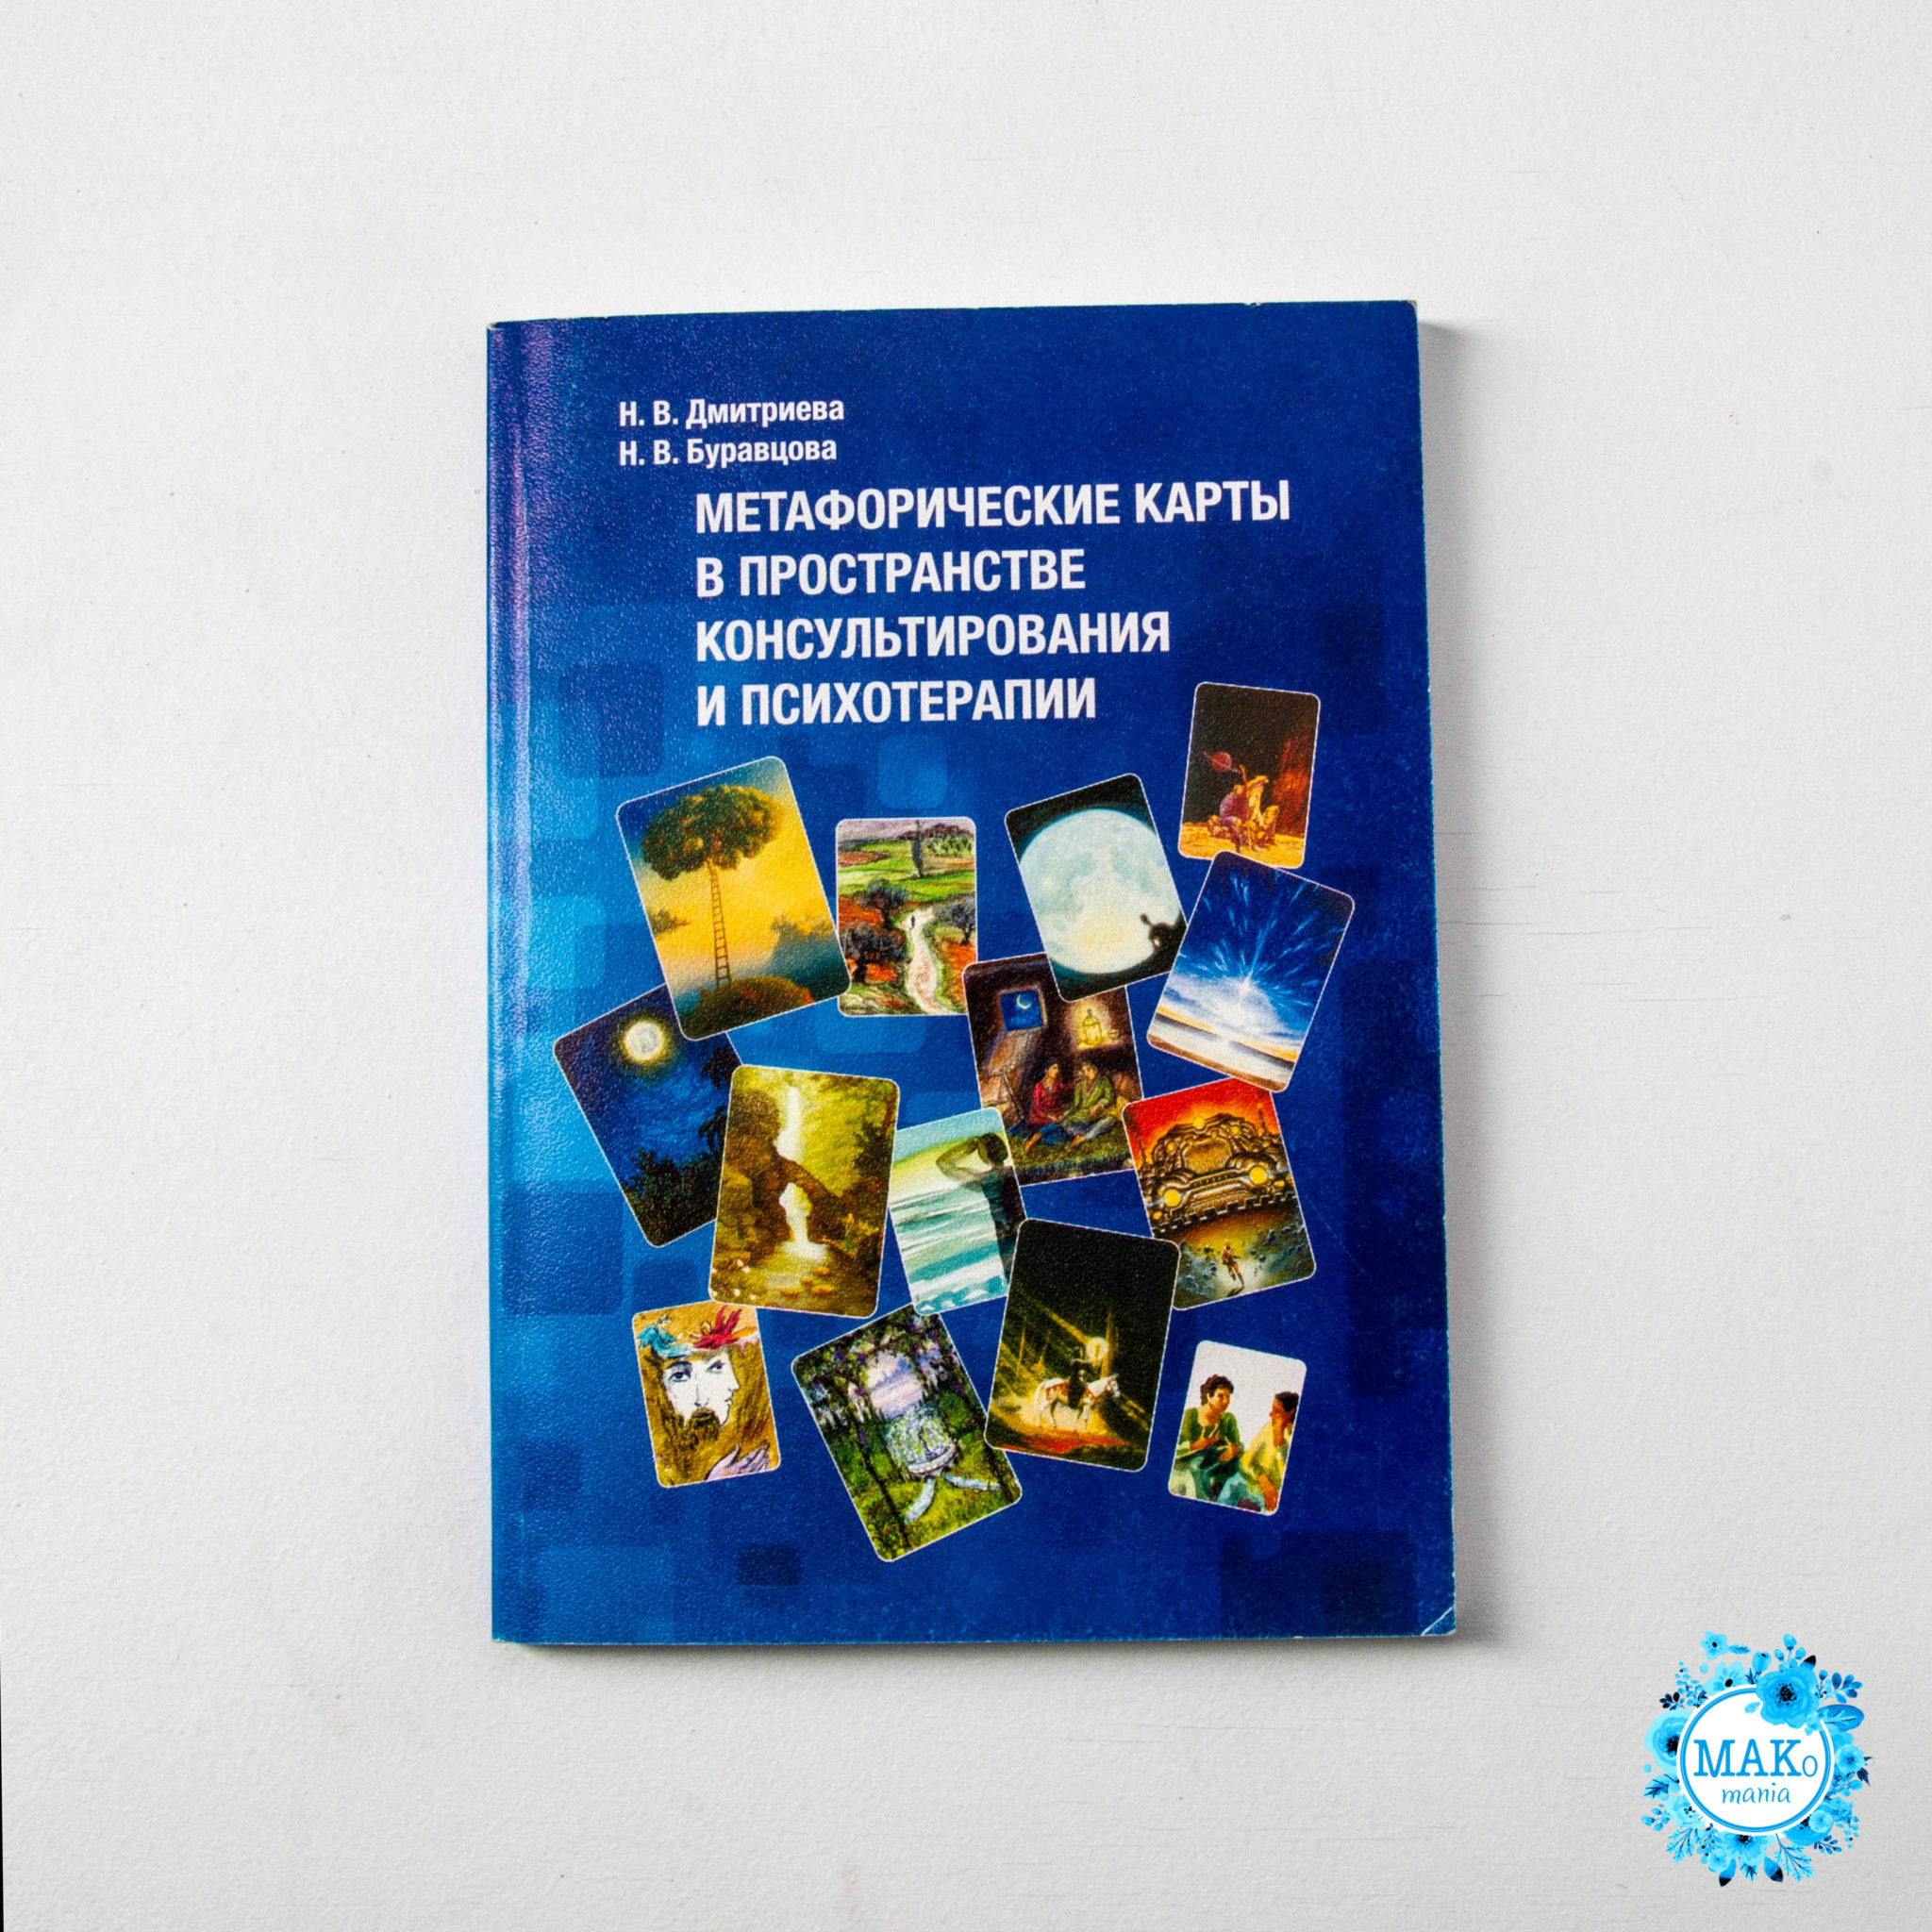 Метафорические карты в пространстве консультирования и психотерапии,МАК,купить МАК,интернет-магазин МАК